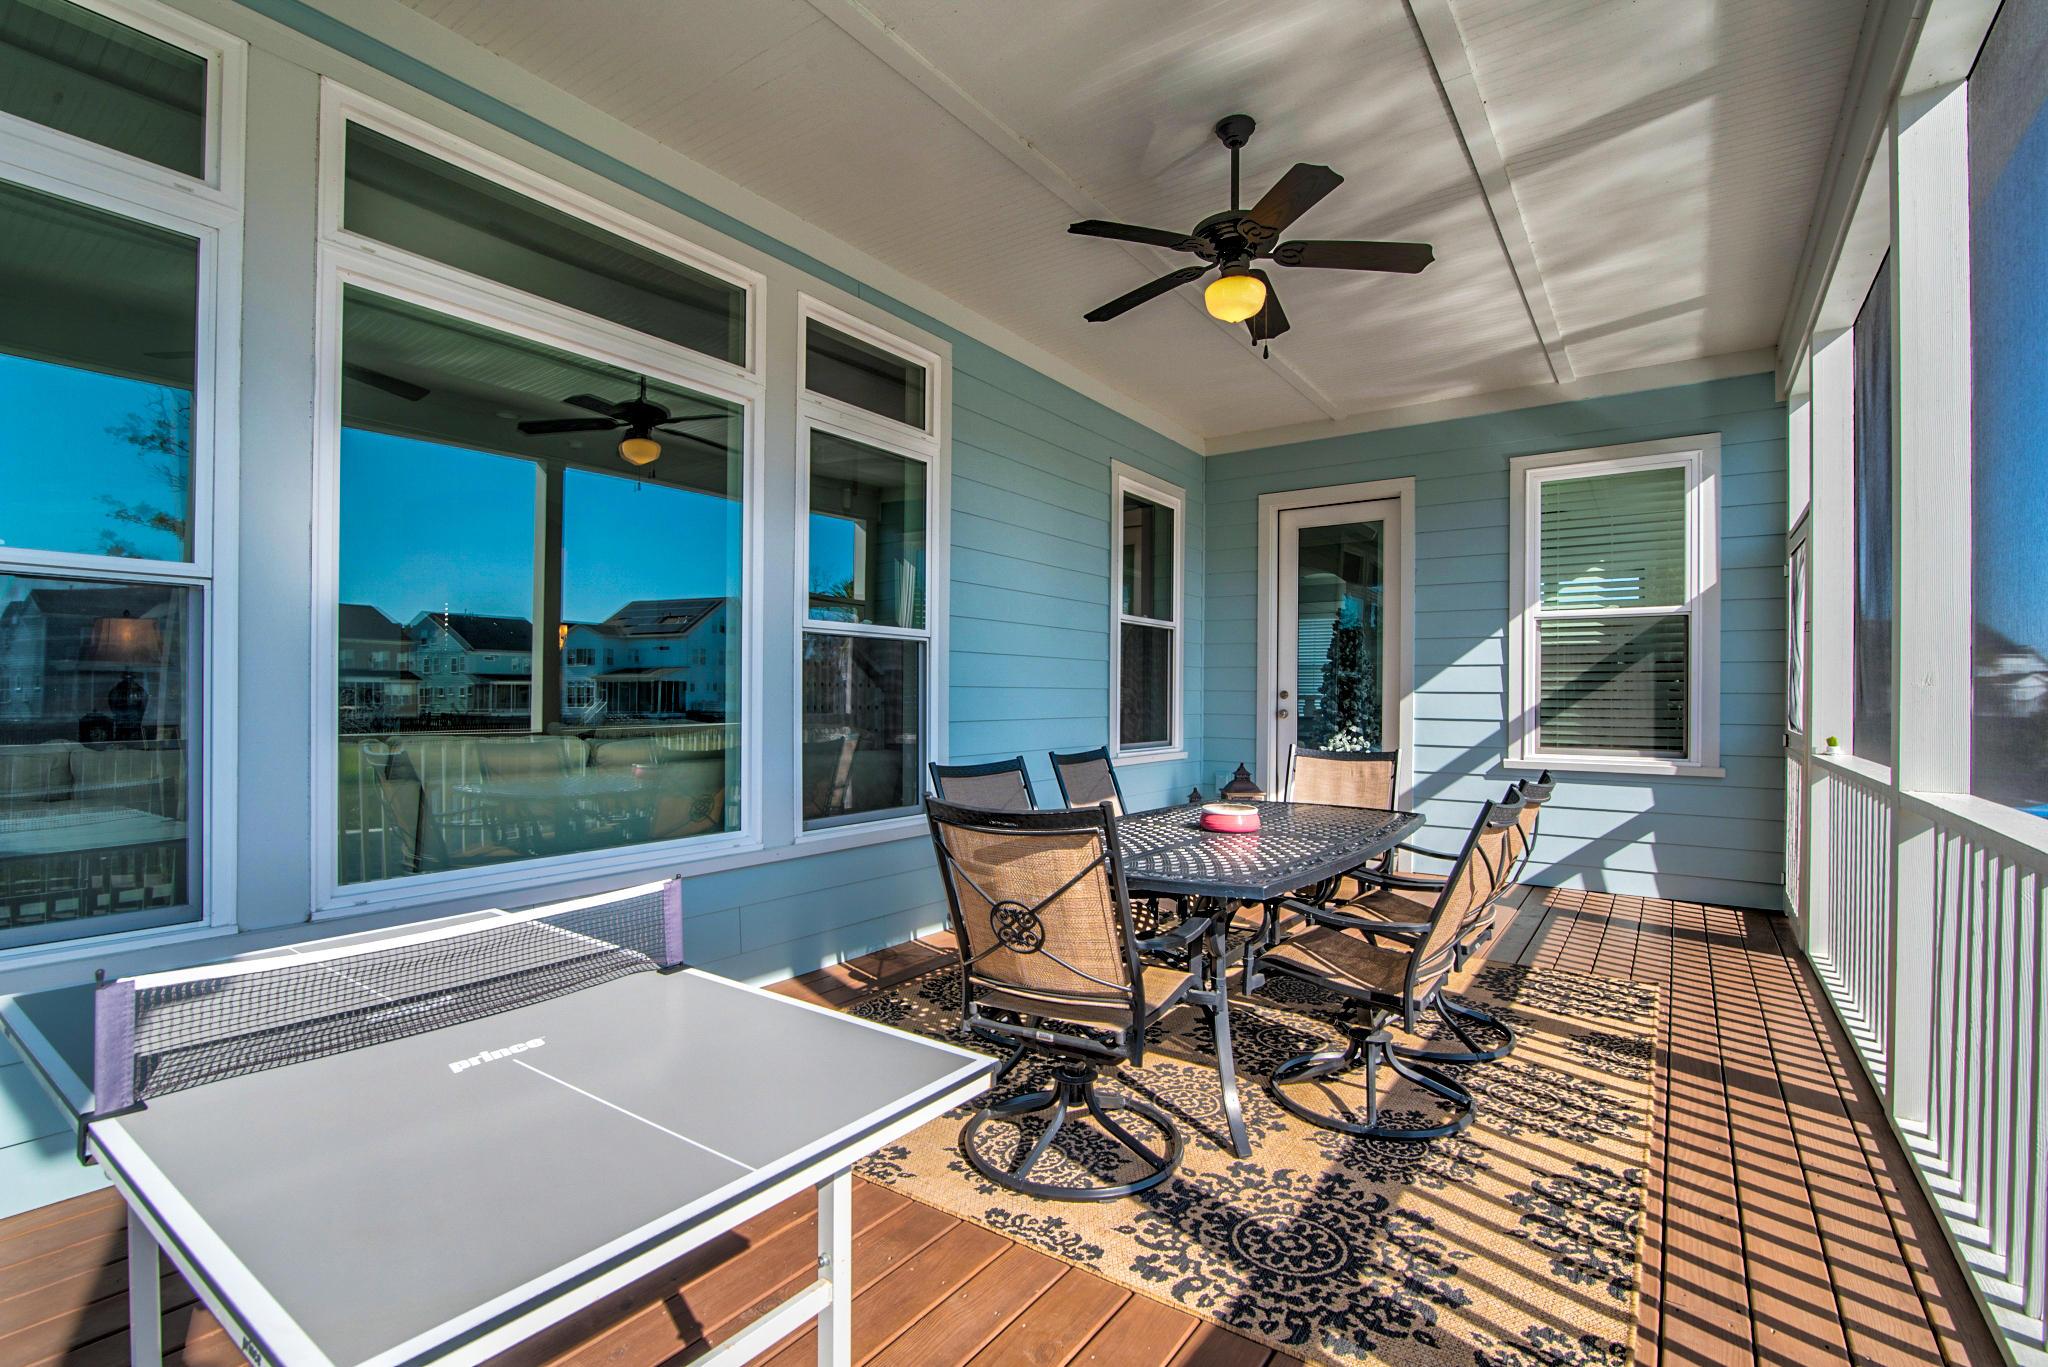 Dunes West Homes For Sale - 2883 River Vista, Mount Pleasant, SC - 19